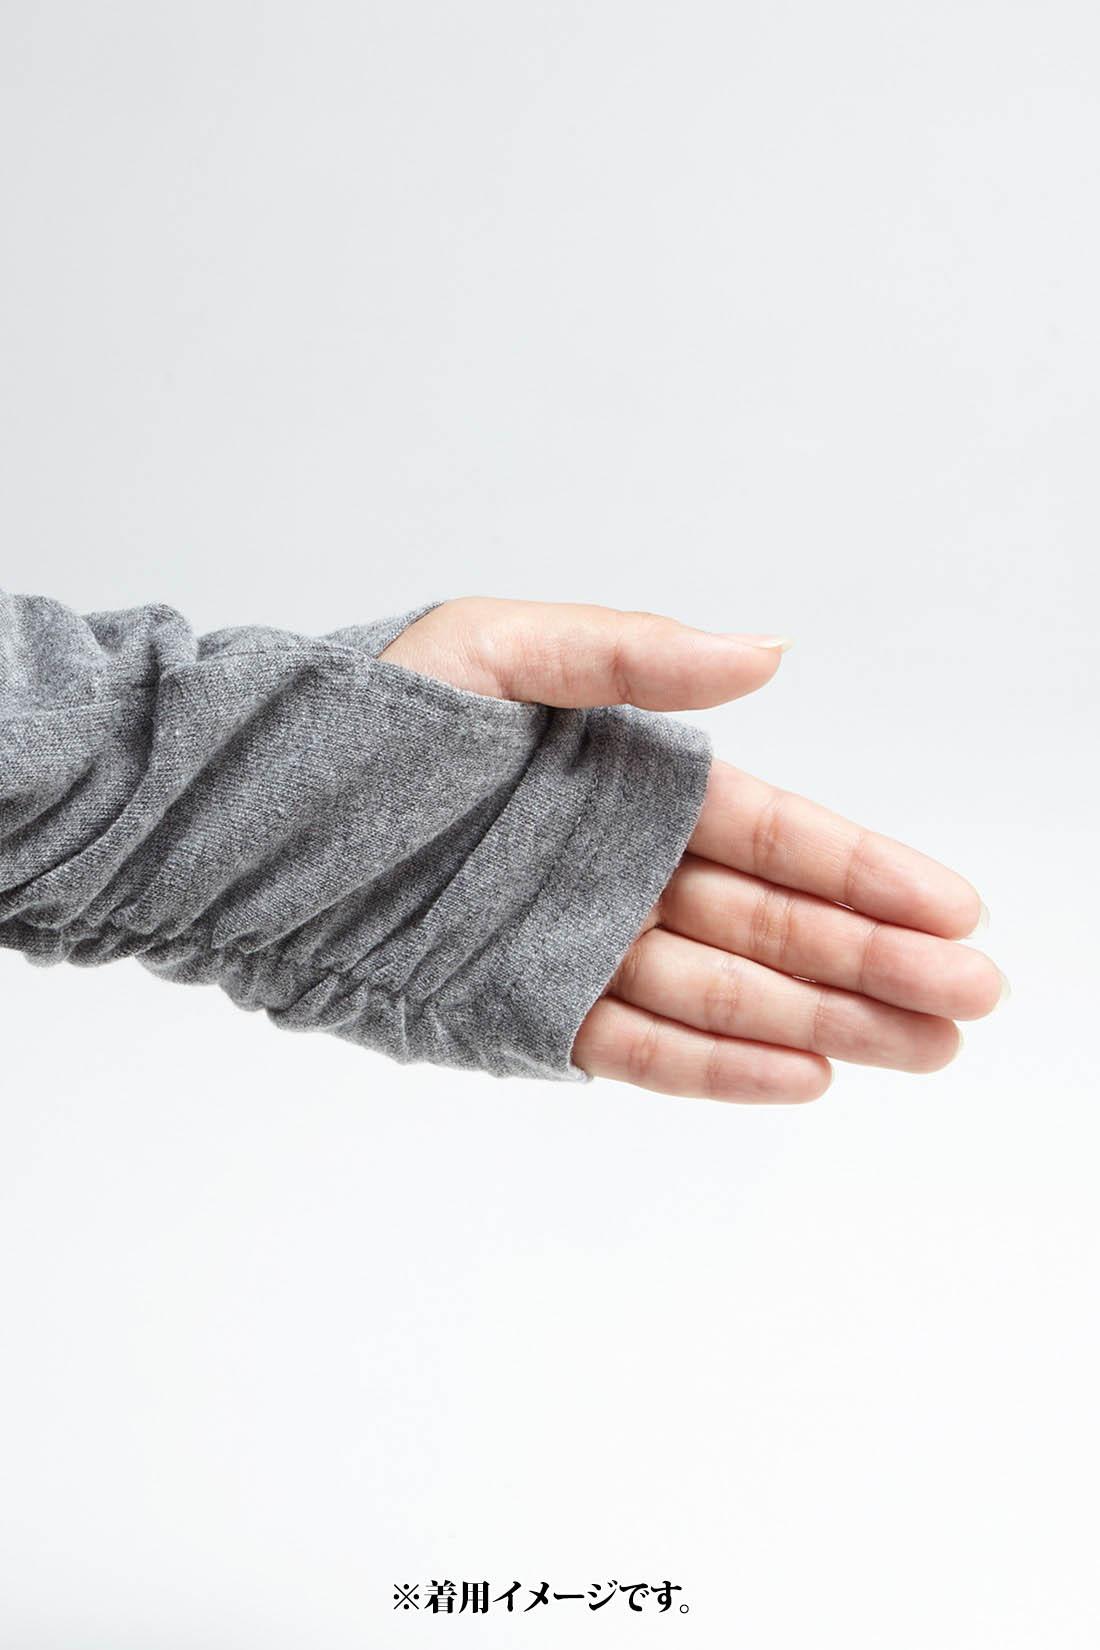 親指スリットでかわいく防寒 スリットに指を入れると手の甲まで暖か。くしゅっとした袖口との合わせ技で華奢(きゃしゃ)見え度抜群! ※お届けするカラーとは異なります。